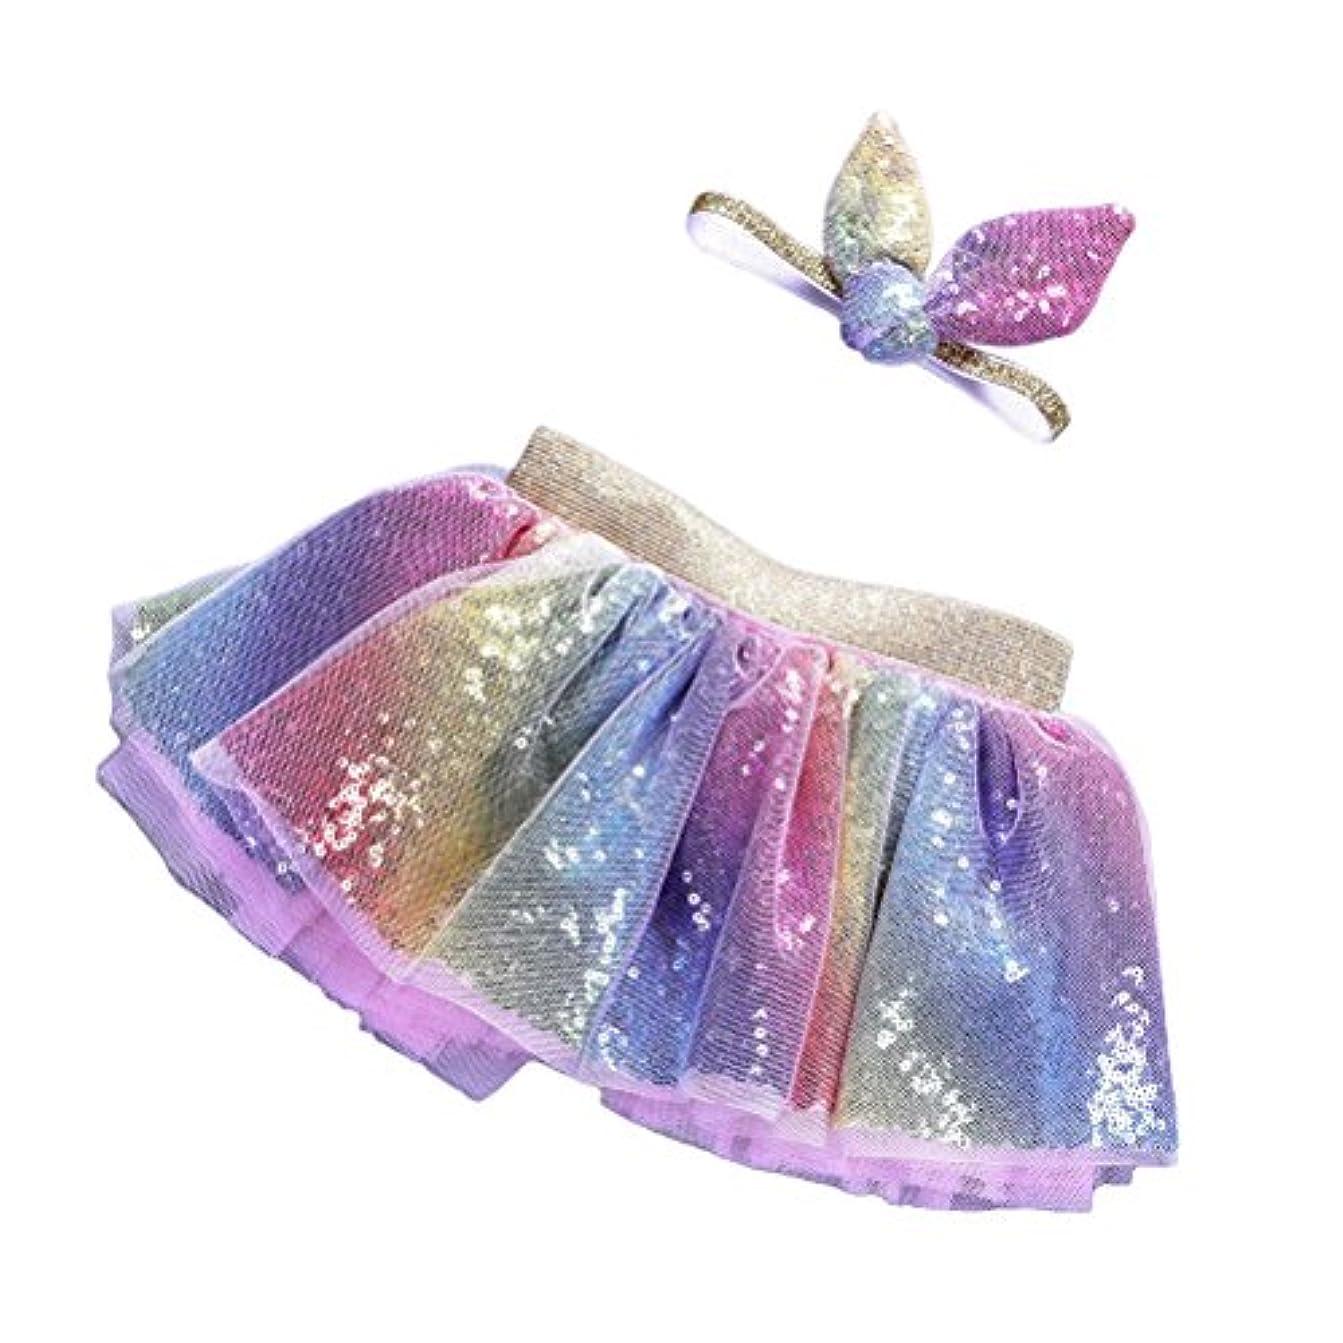 活気づく寛容手数料LUOEM 2PCSレインボーツツスカート(ヘッドバンドプリンセスガール付き)Tutu OutfitベビーガールズBirthday Outfit Set S(0-2歳)